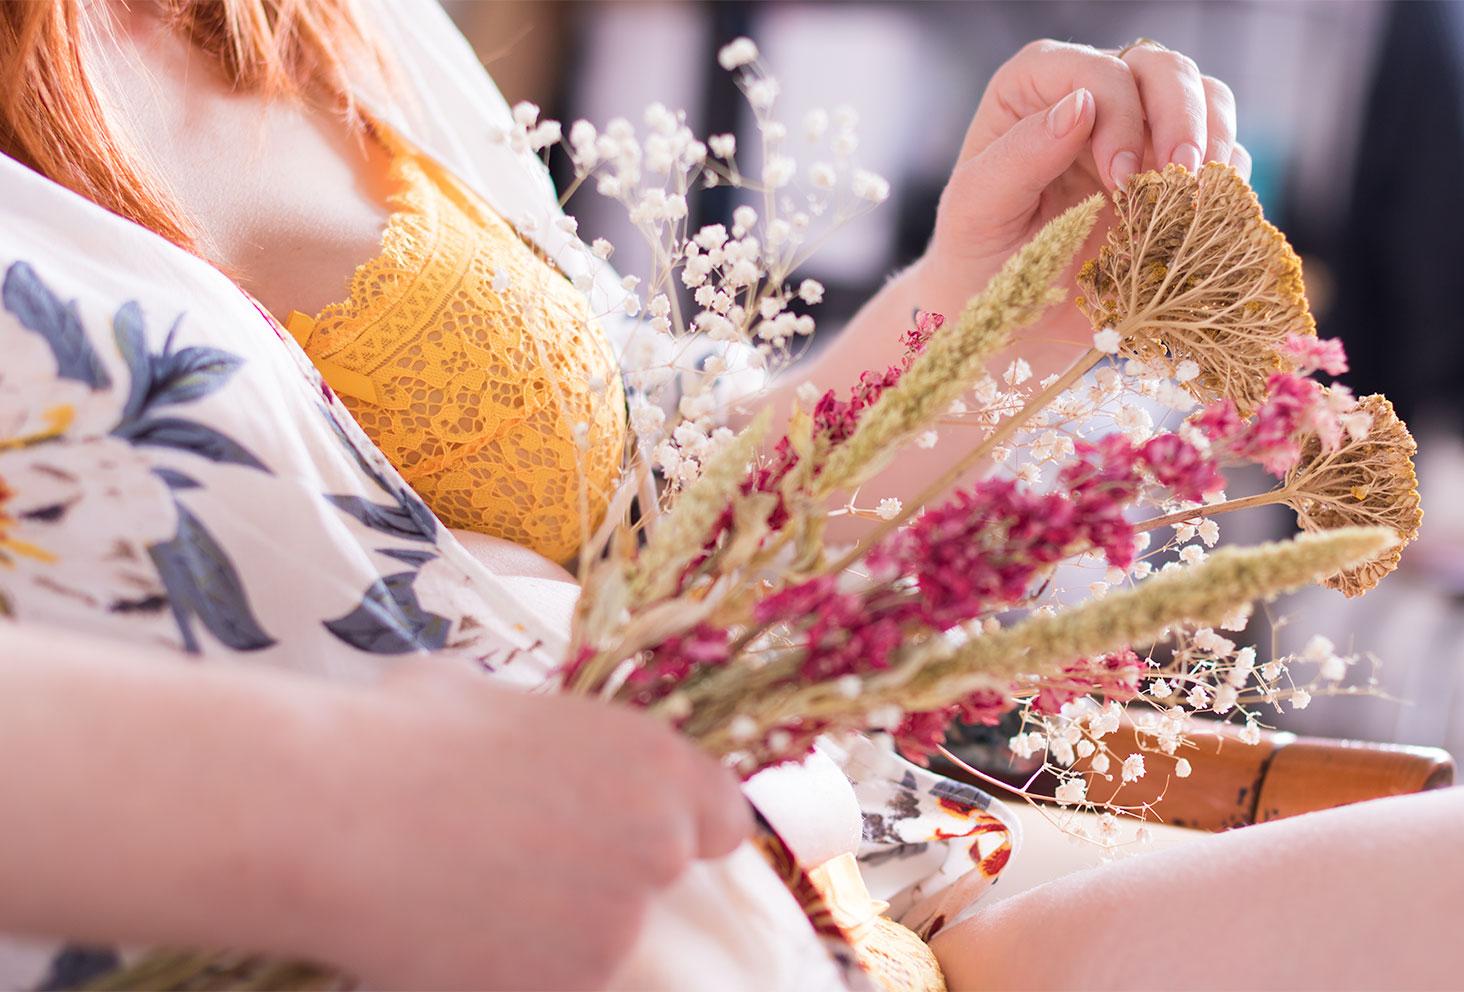 Bouquet de fleurs séchées dans les mains sur le ventre, devant les sous-vêtements en dentelle jaune Pomm'Poire portés